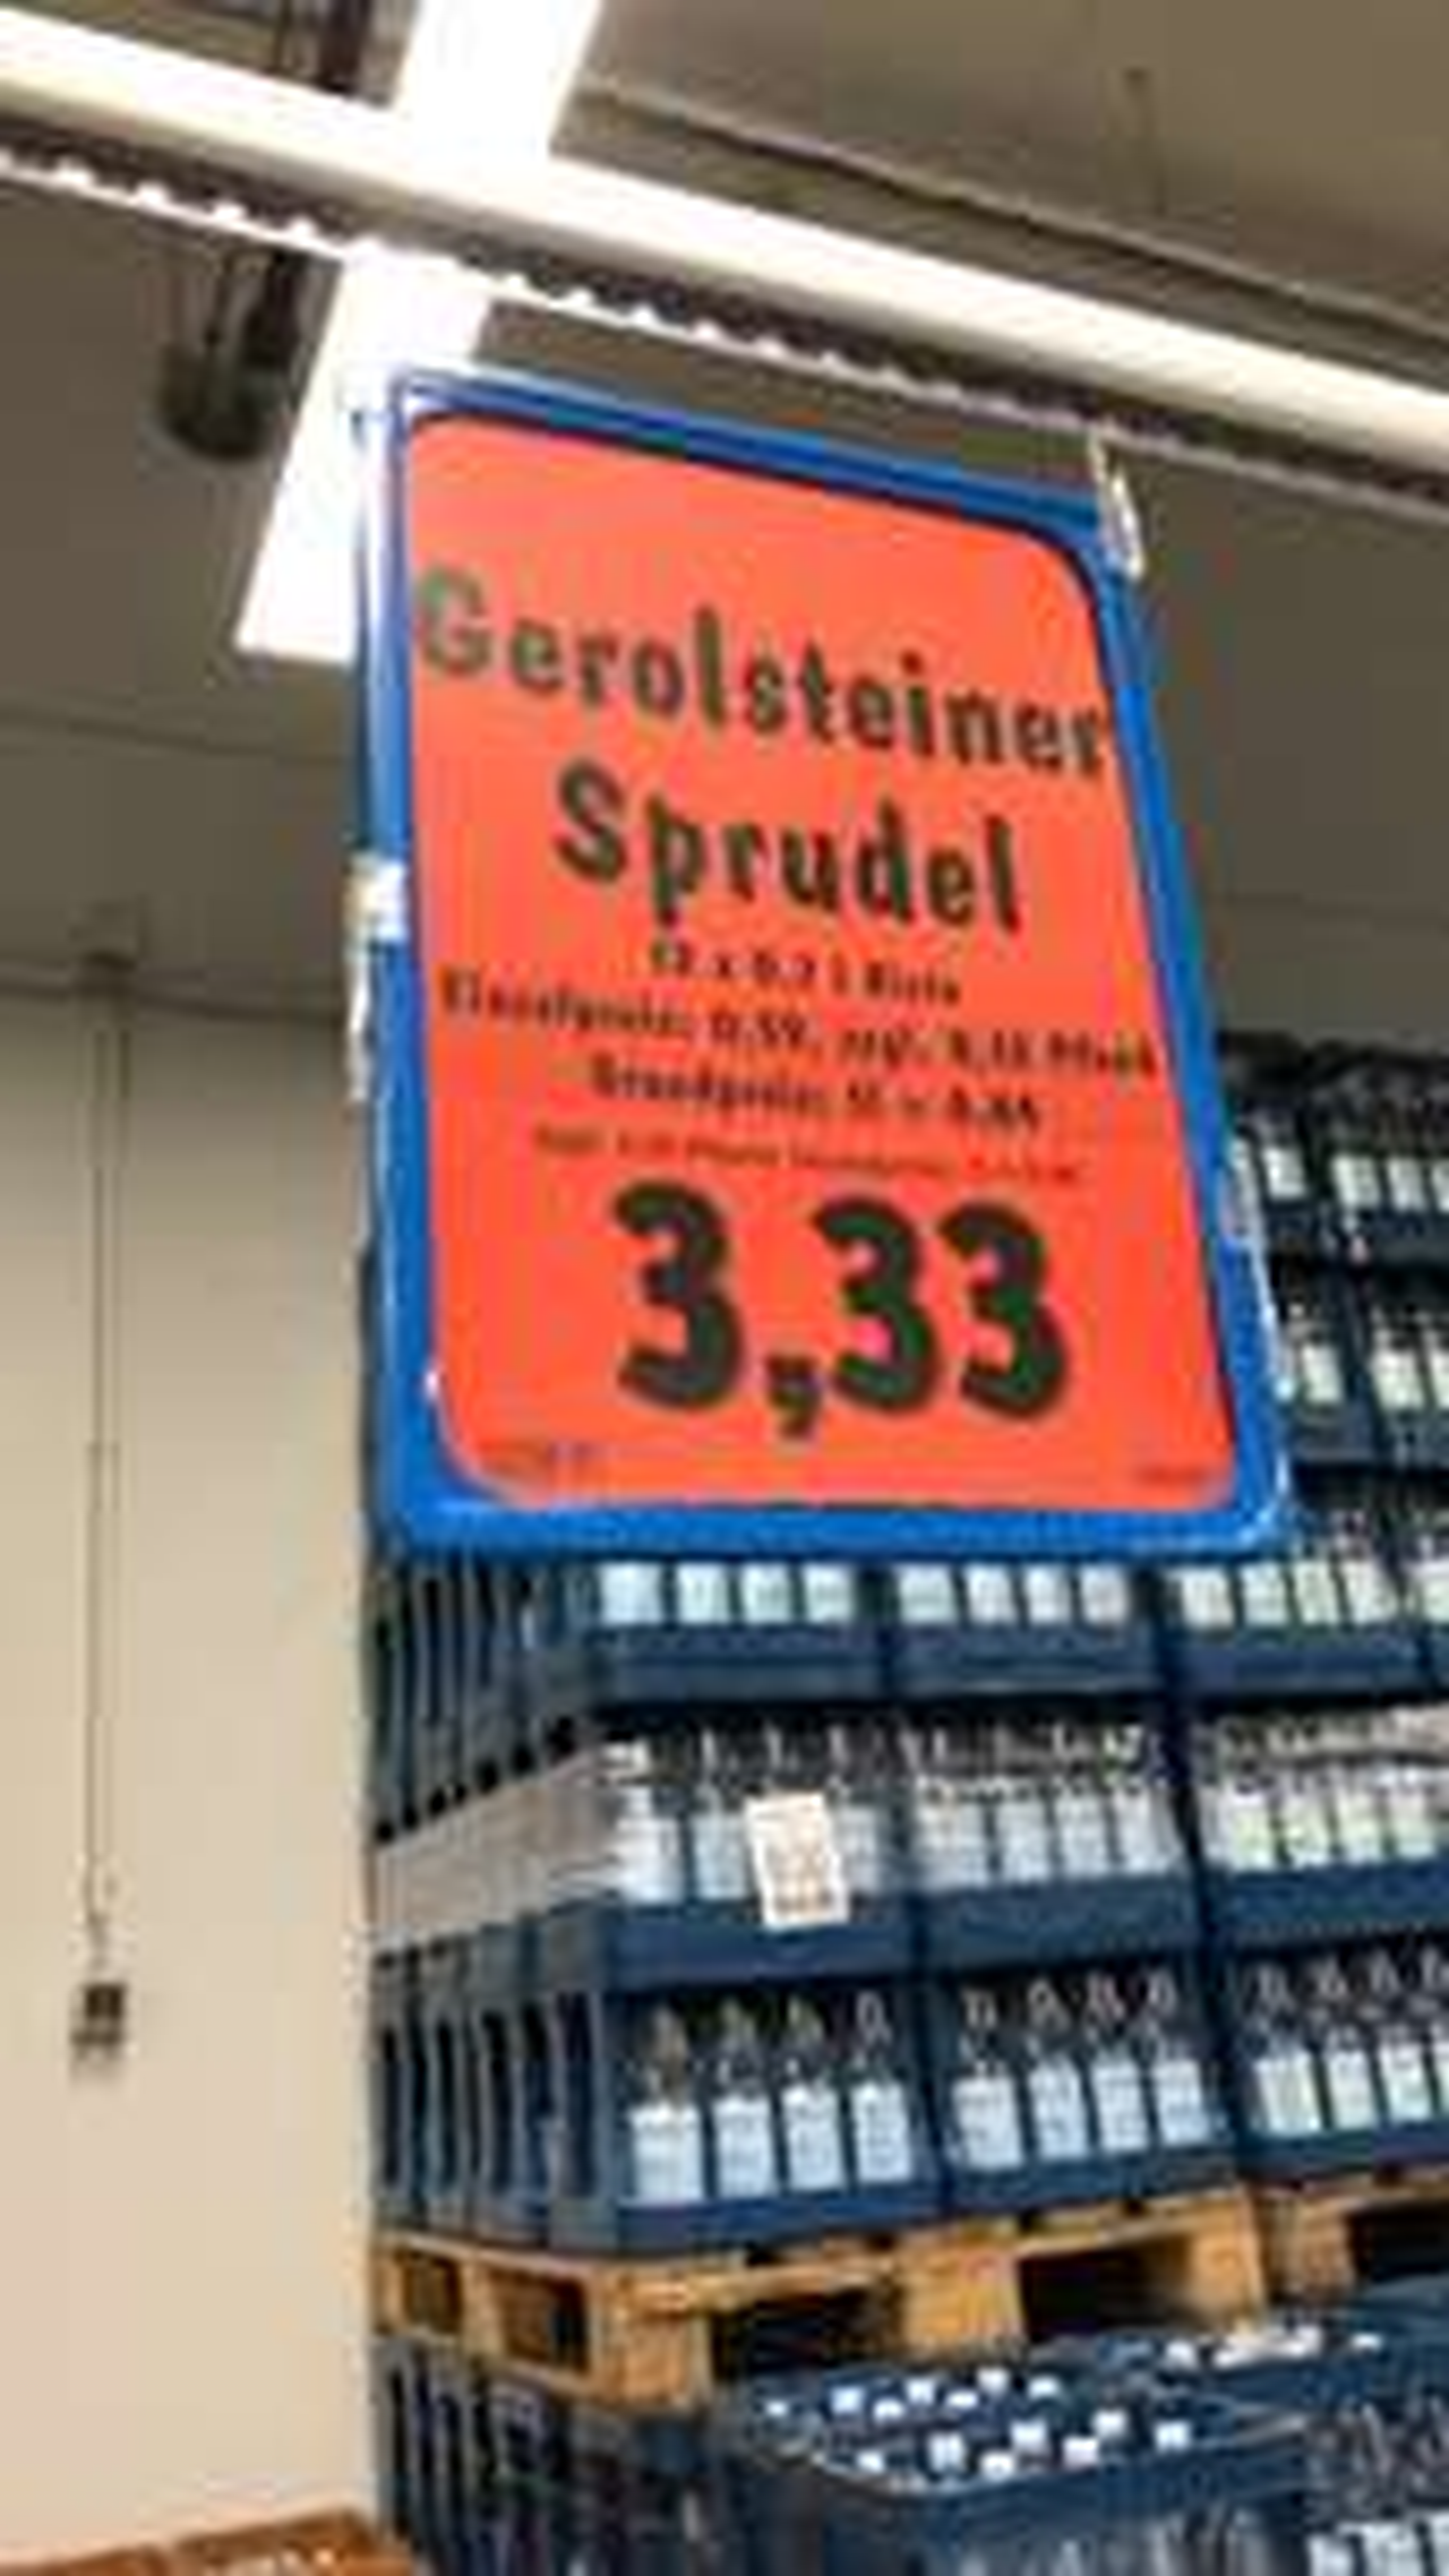 [Lokal Düsseldorf Edeka Zurheide] Gerolsteiner Sprudel und Medium - Mineralwasser in Glasflaschen im 12x 0.75l Kasten